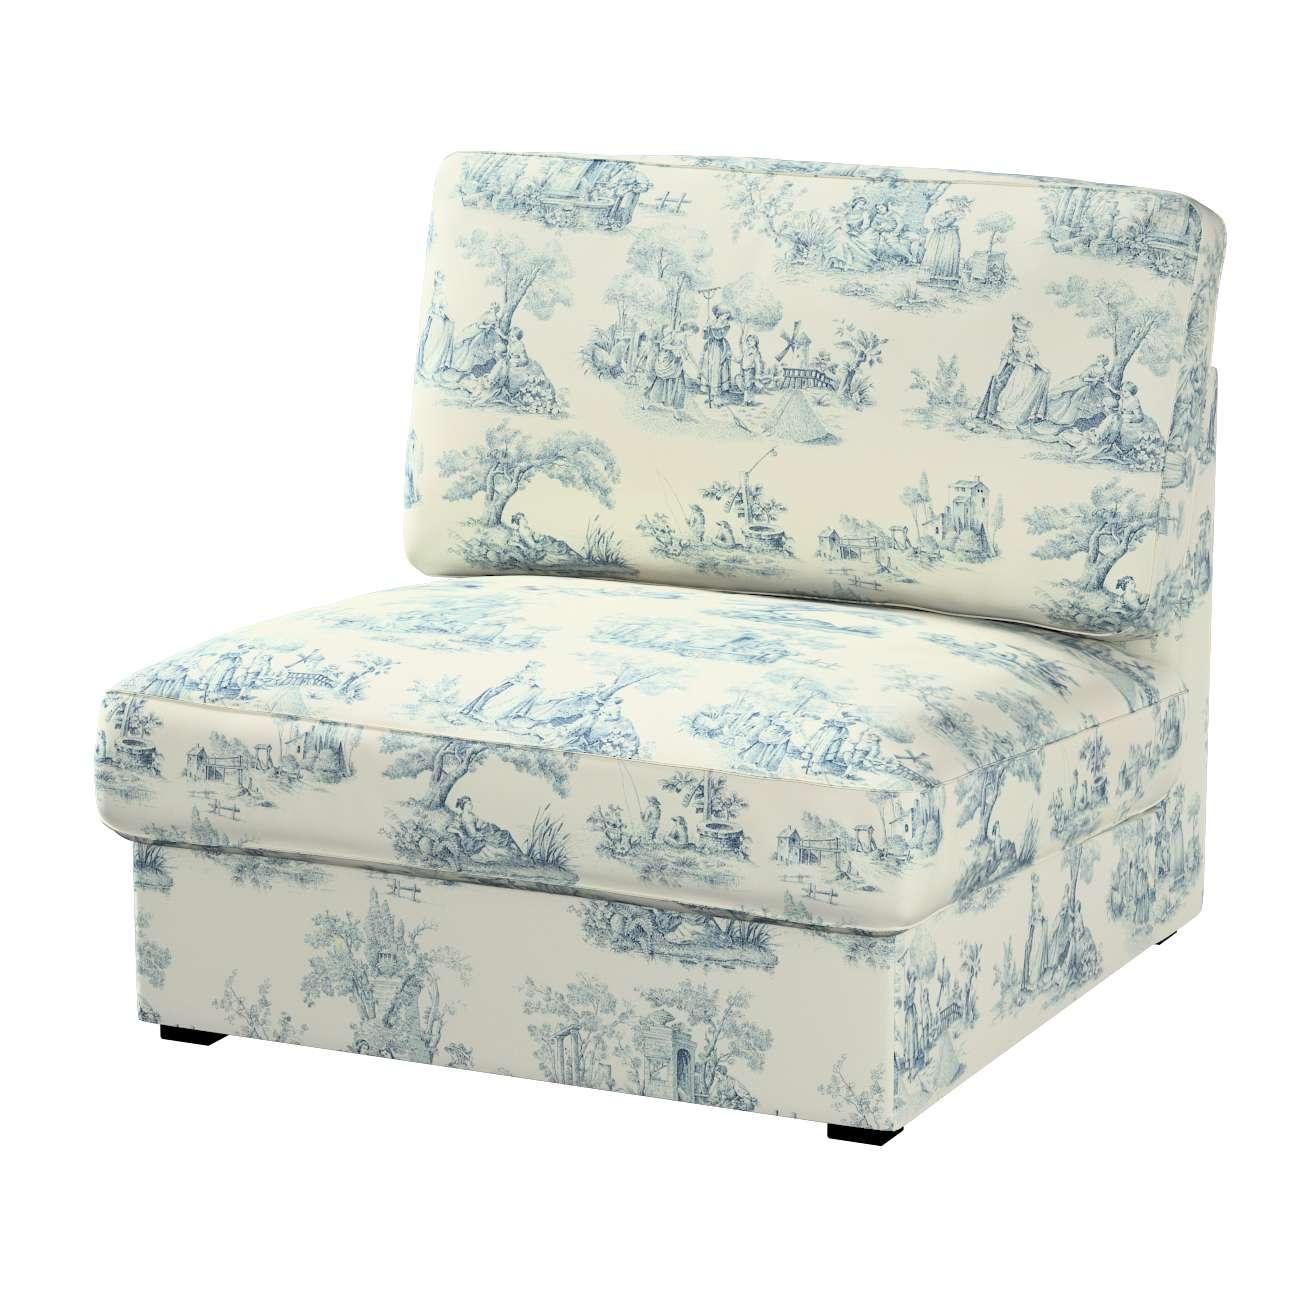 KIVIK fotelio/vienvietės dalies užvalkalas Kivik armchair kolekcijoje Avinon, audinys: 132-66